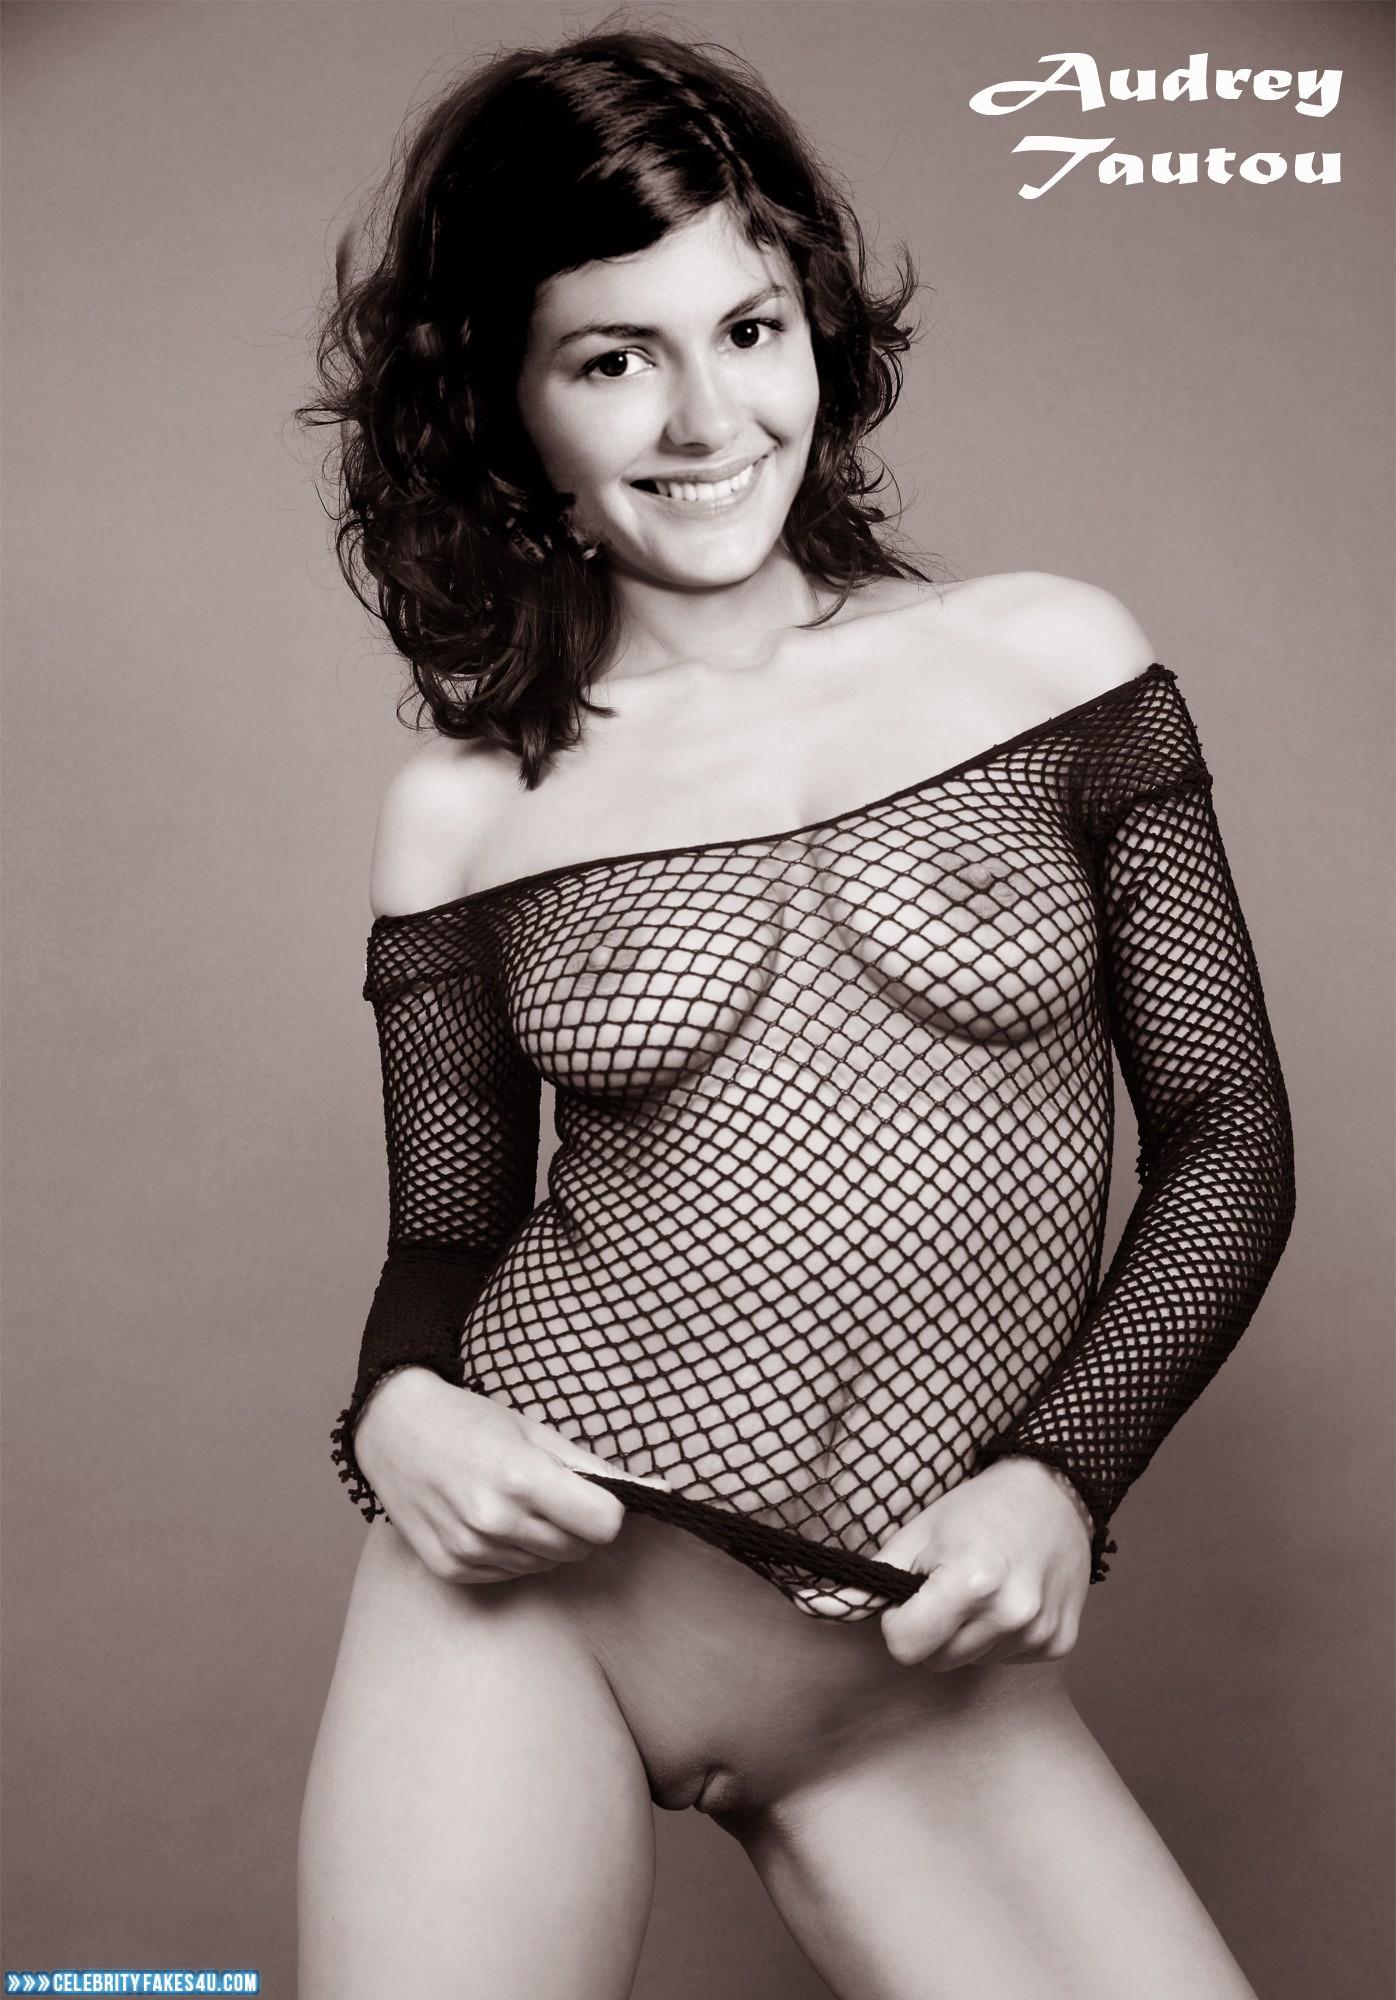 Audrey Tautou Camel Toe Pantieless Naked 001 ...